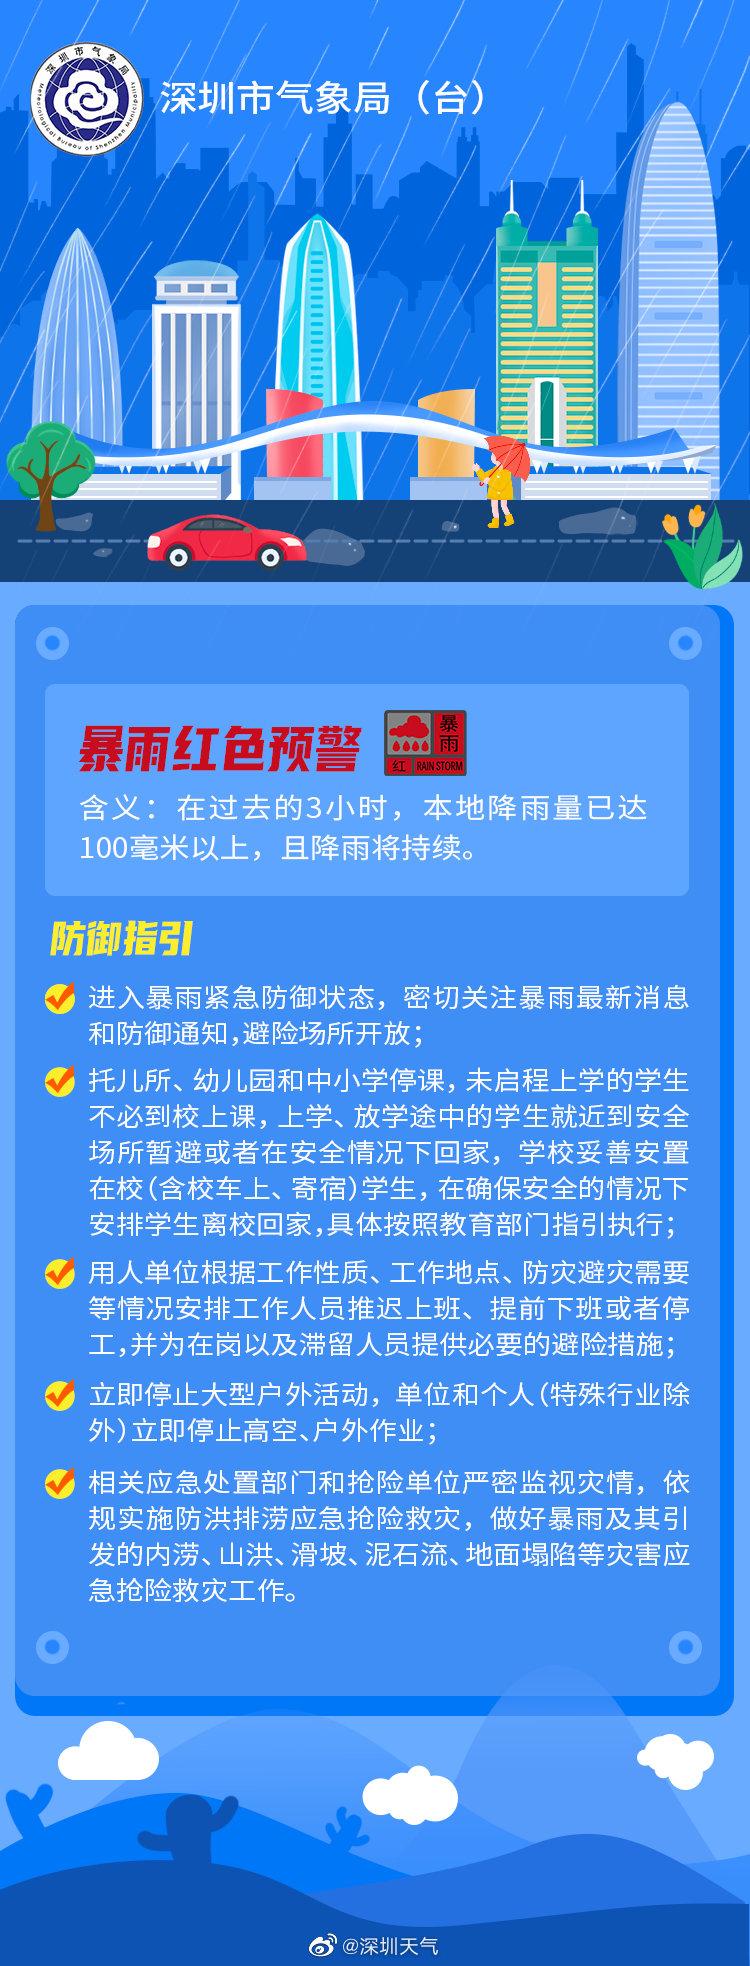 深圳解除所有暴雨预警信号 雨天出行应注意这些